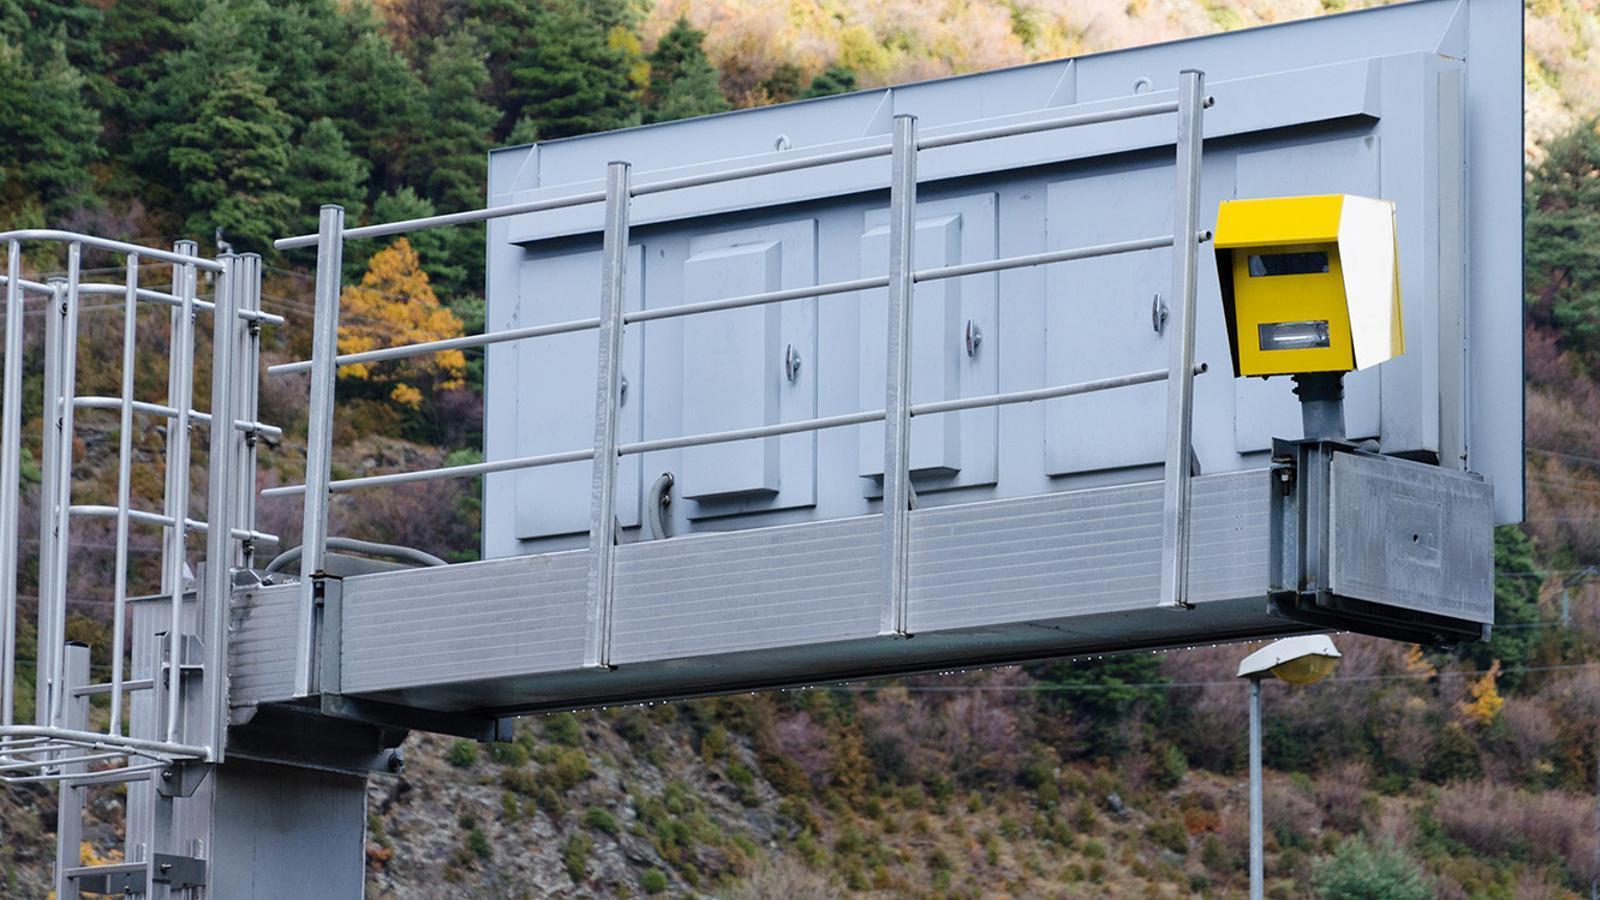 Un dels radars instal·lats a la xarxa viària. / ARXIU ANA